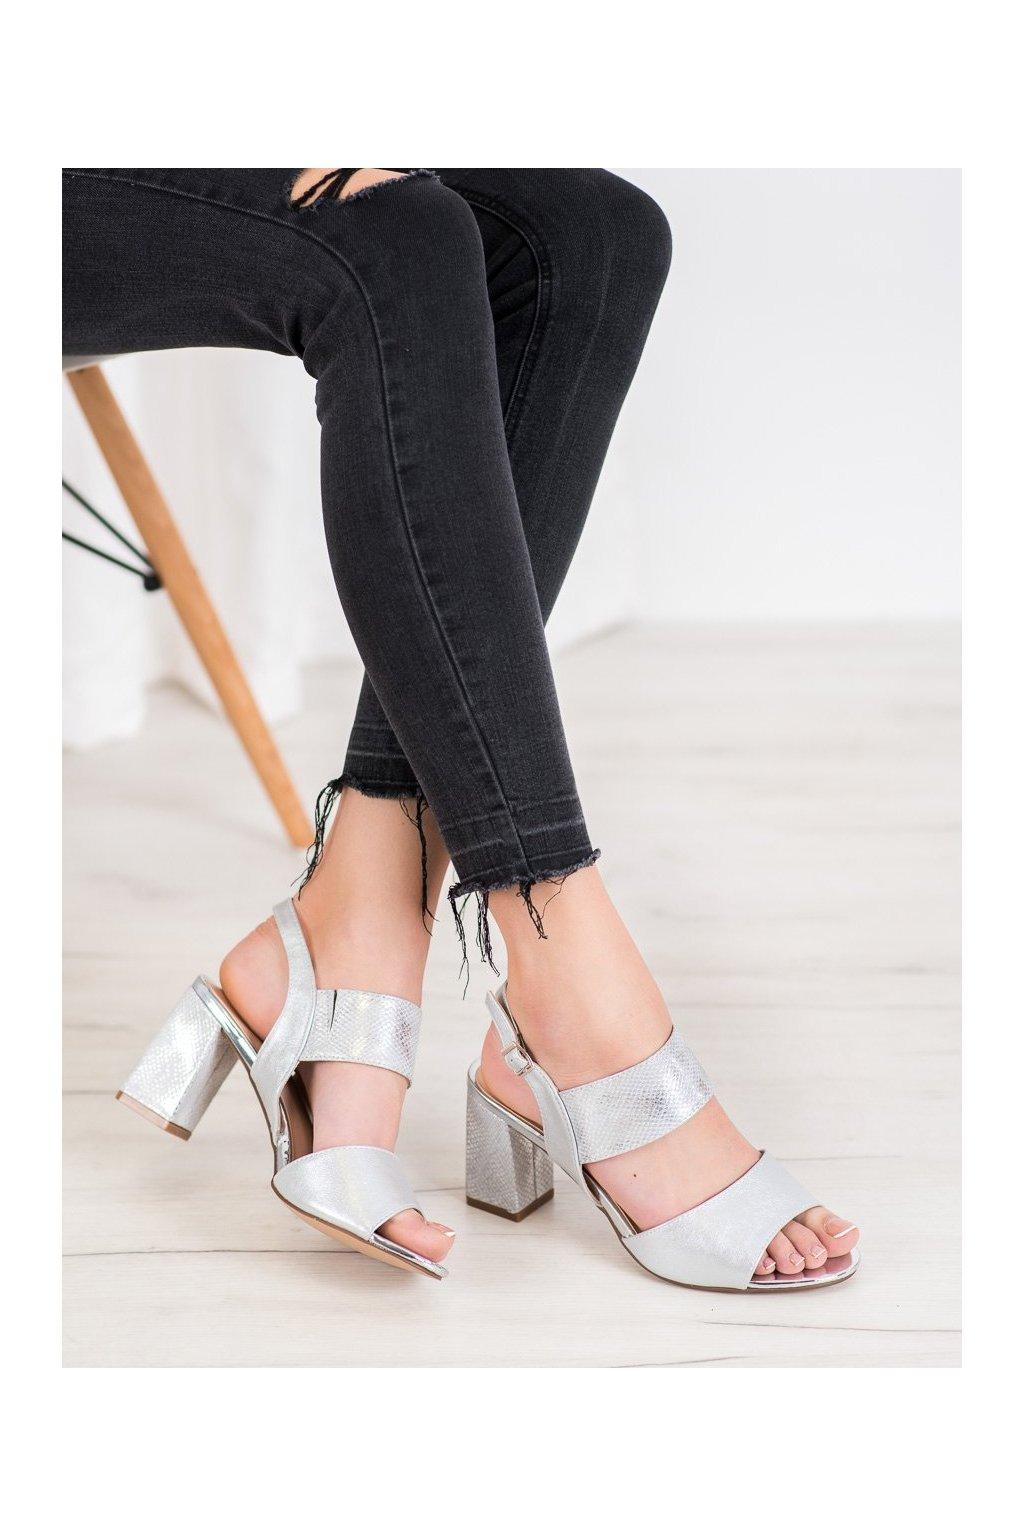 Sivé sandále na podpätku Vinceza kod YQE20-17081S